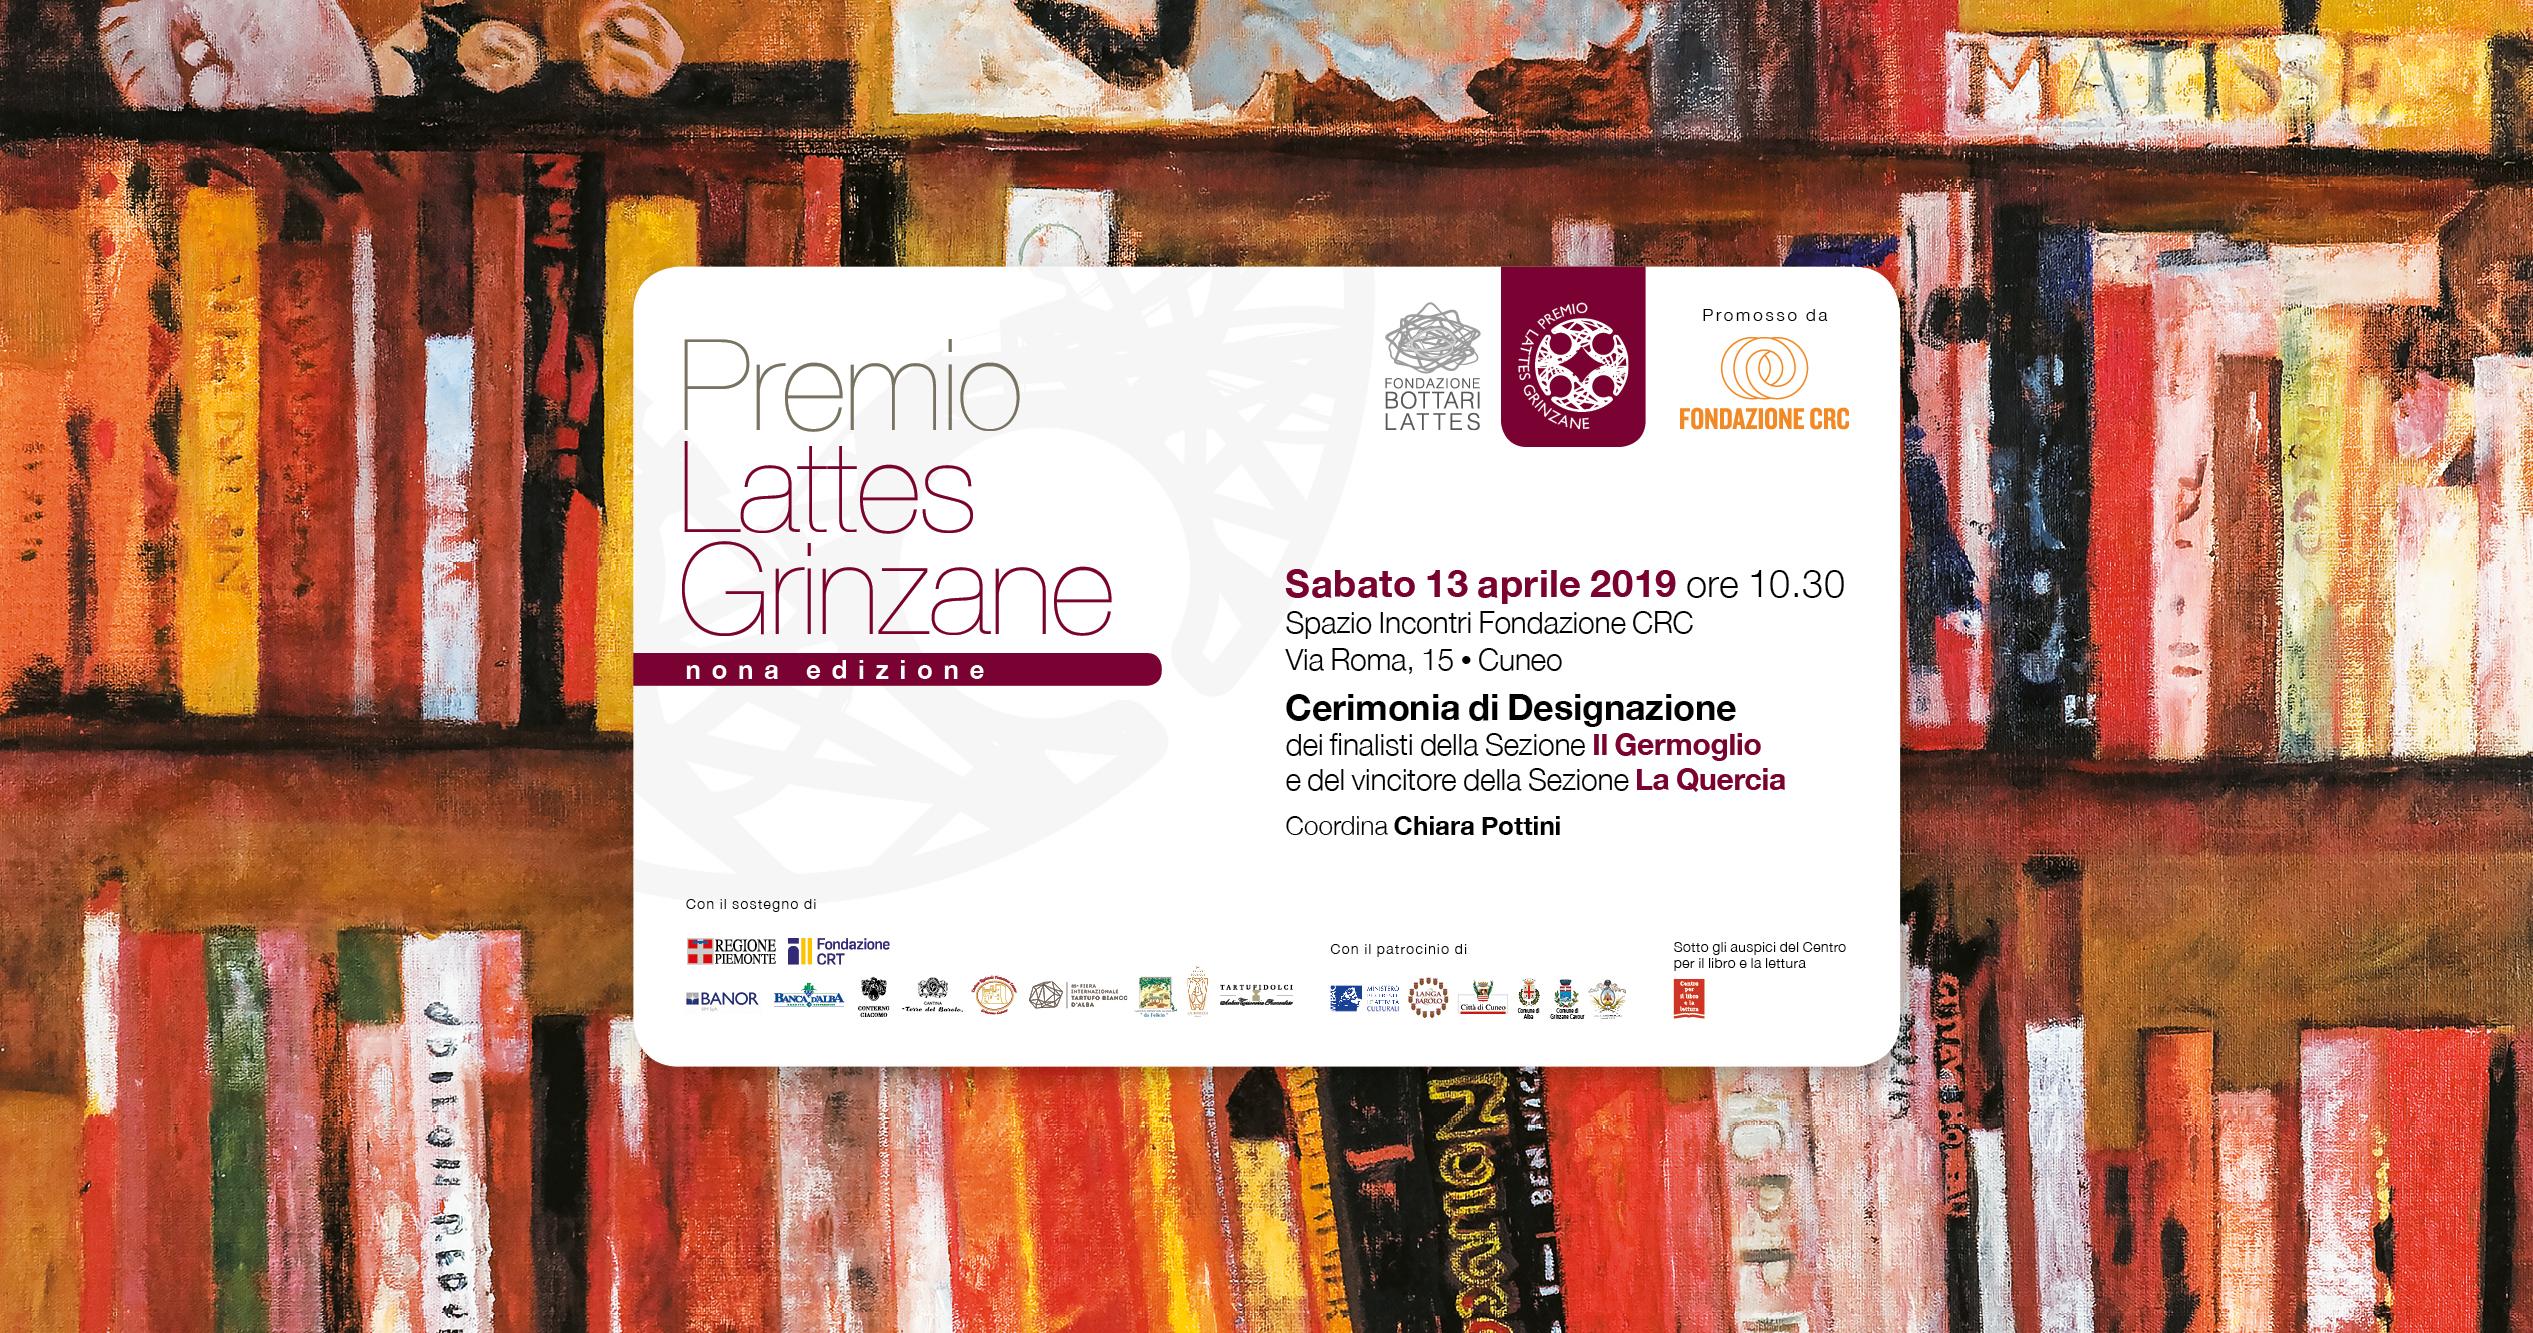 Il Premio Lattes Grinzane designa i finalisti sezione Il Germoglio e il vincitore sezione La Quercia 2019